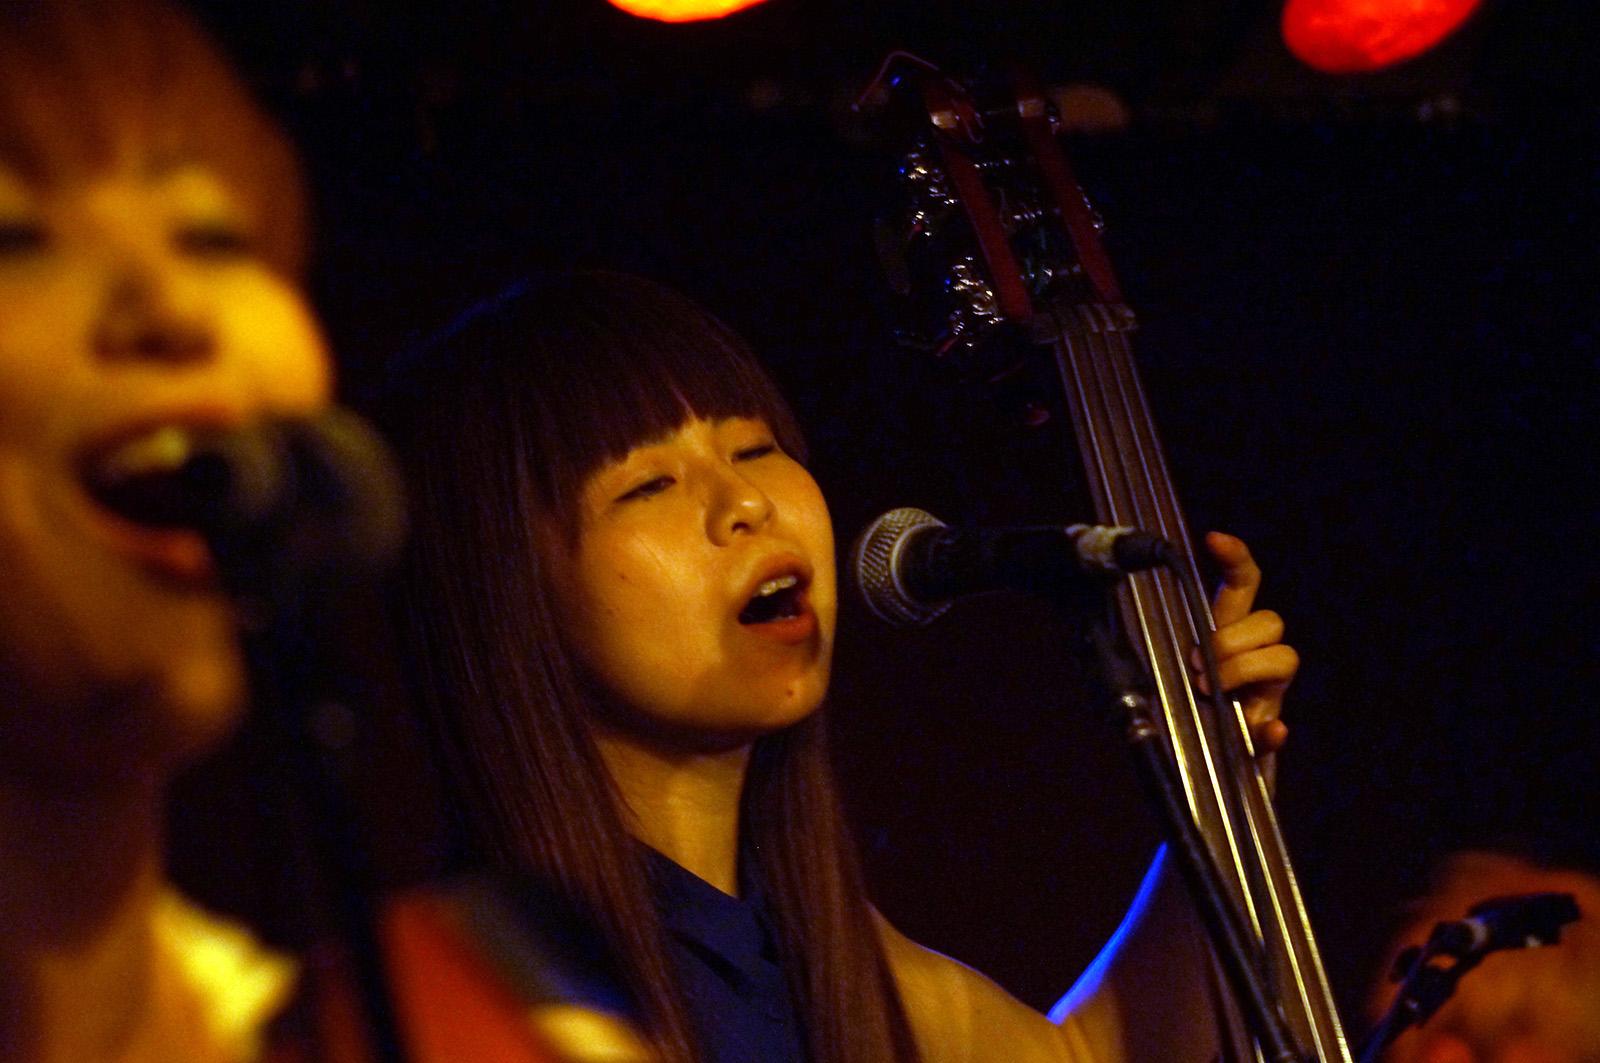 hayashi shiba